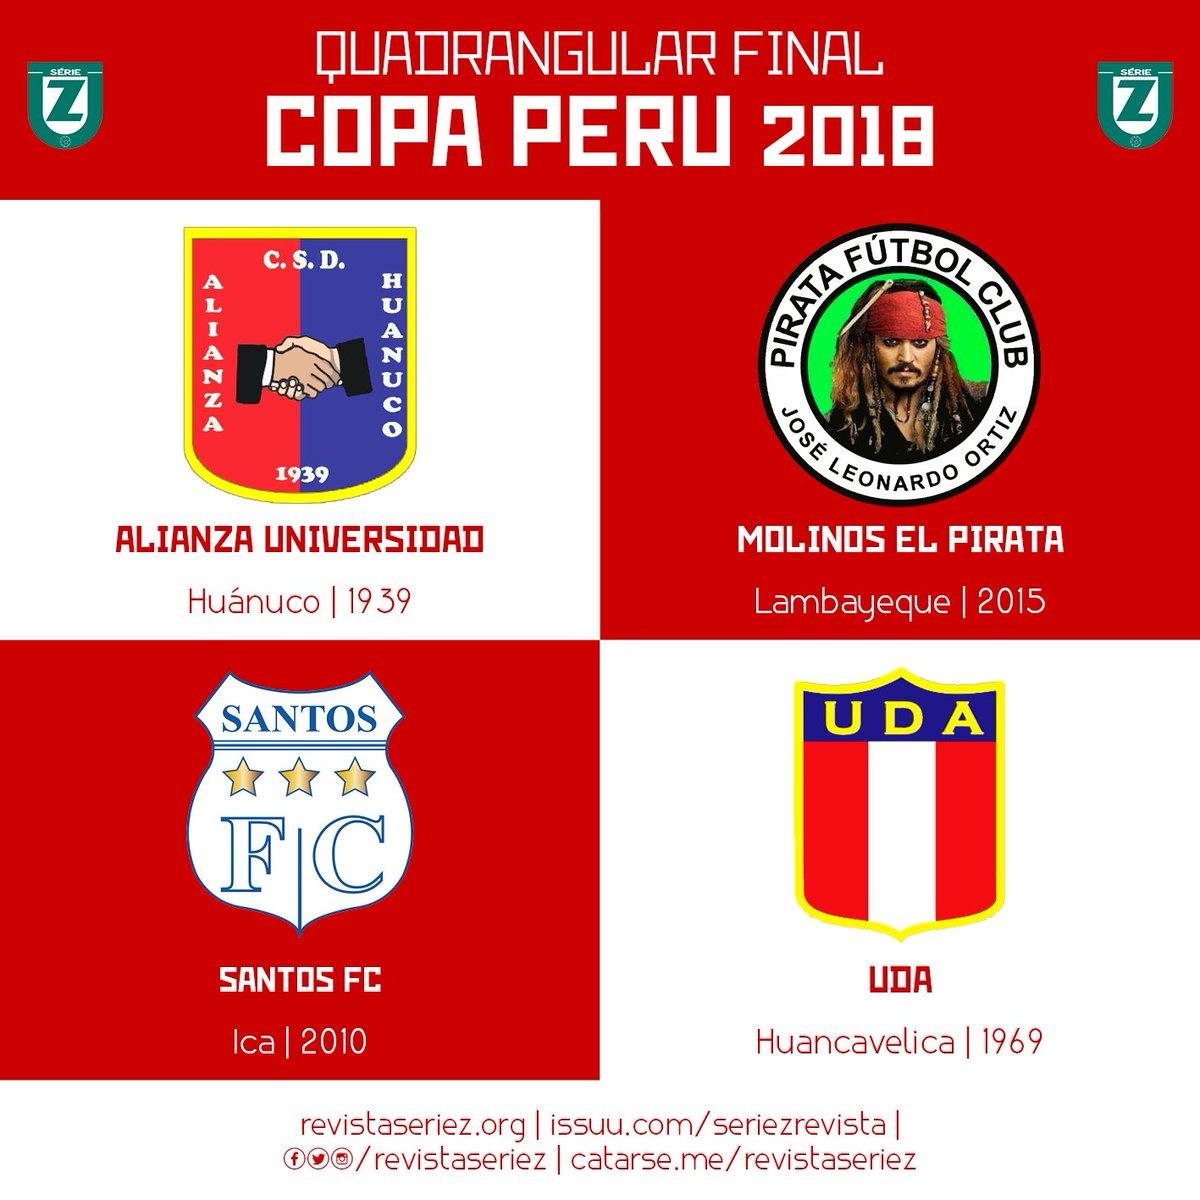 O Xrhsths Revista Serie Z Sto Twitter A Copa Peru E Uma Competicao Genial Equivale Ao Terceiro Escalao Nacional Mas O Campeao Garante Vaga Direta Para A Primeira Divisao Copaperu Financie